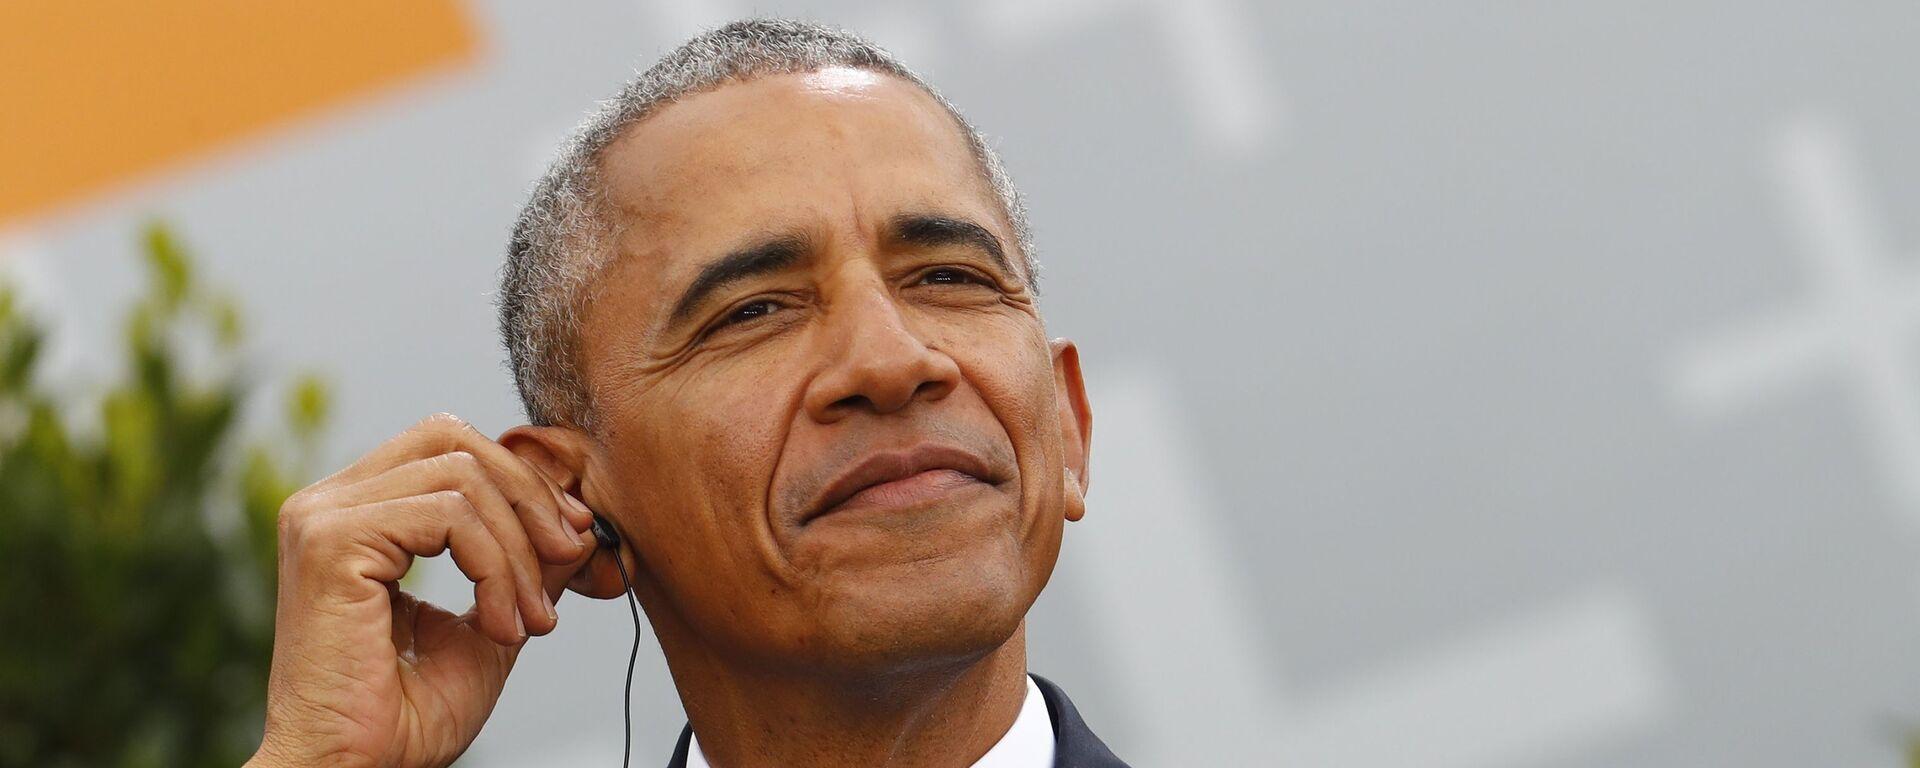 Bývalý americký prezident Barack Obama - Sputnik Česká republika, 1920, 16.12.2019